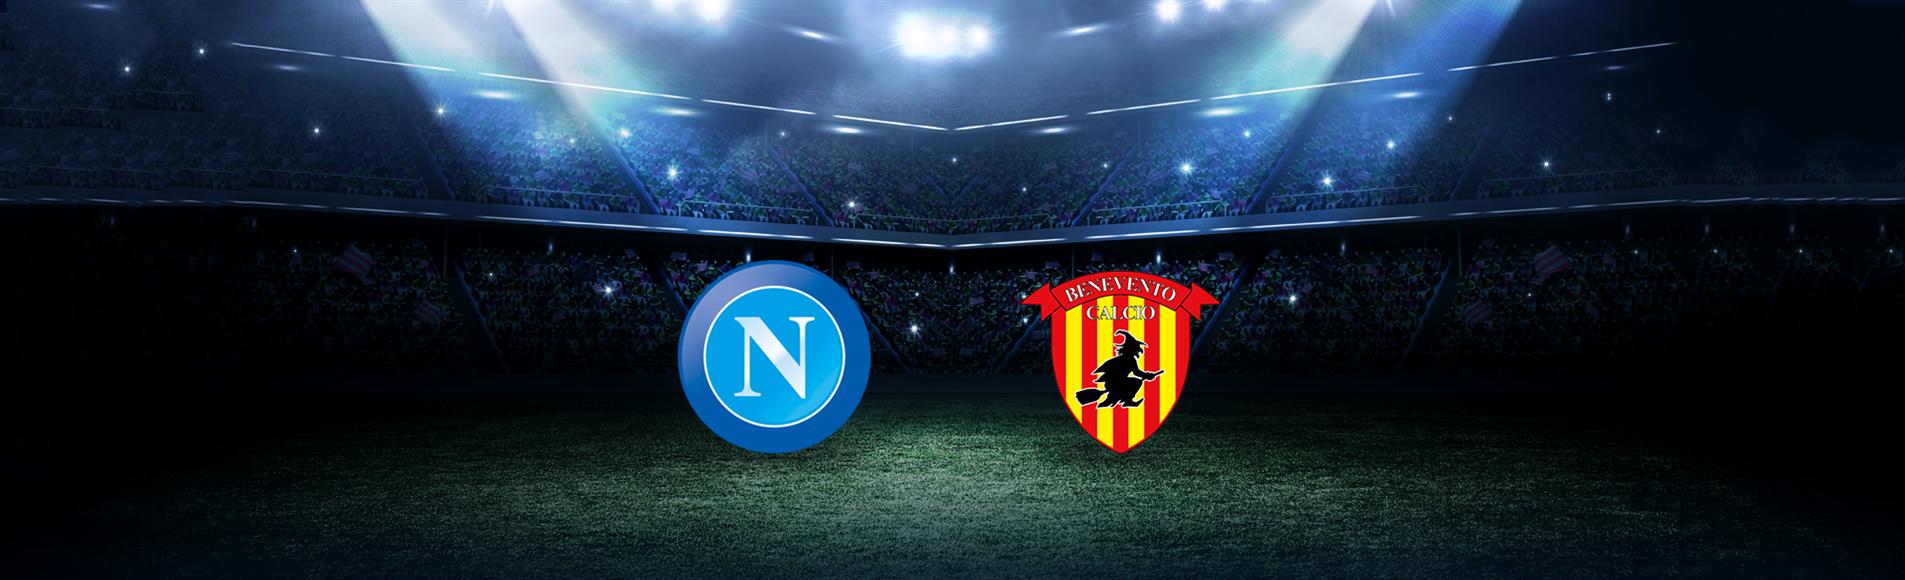 Napoli-Benevento: dove vedere la partita in tv e diretta streaming - NAPOLI CALCIO